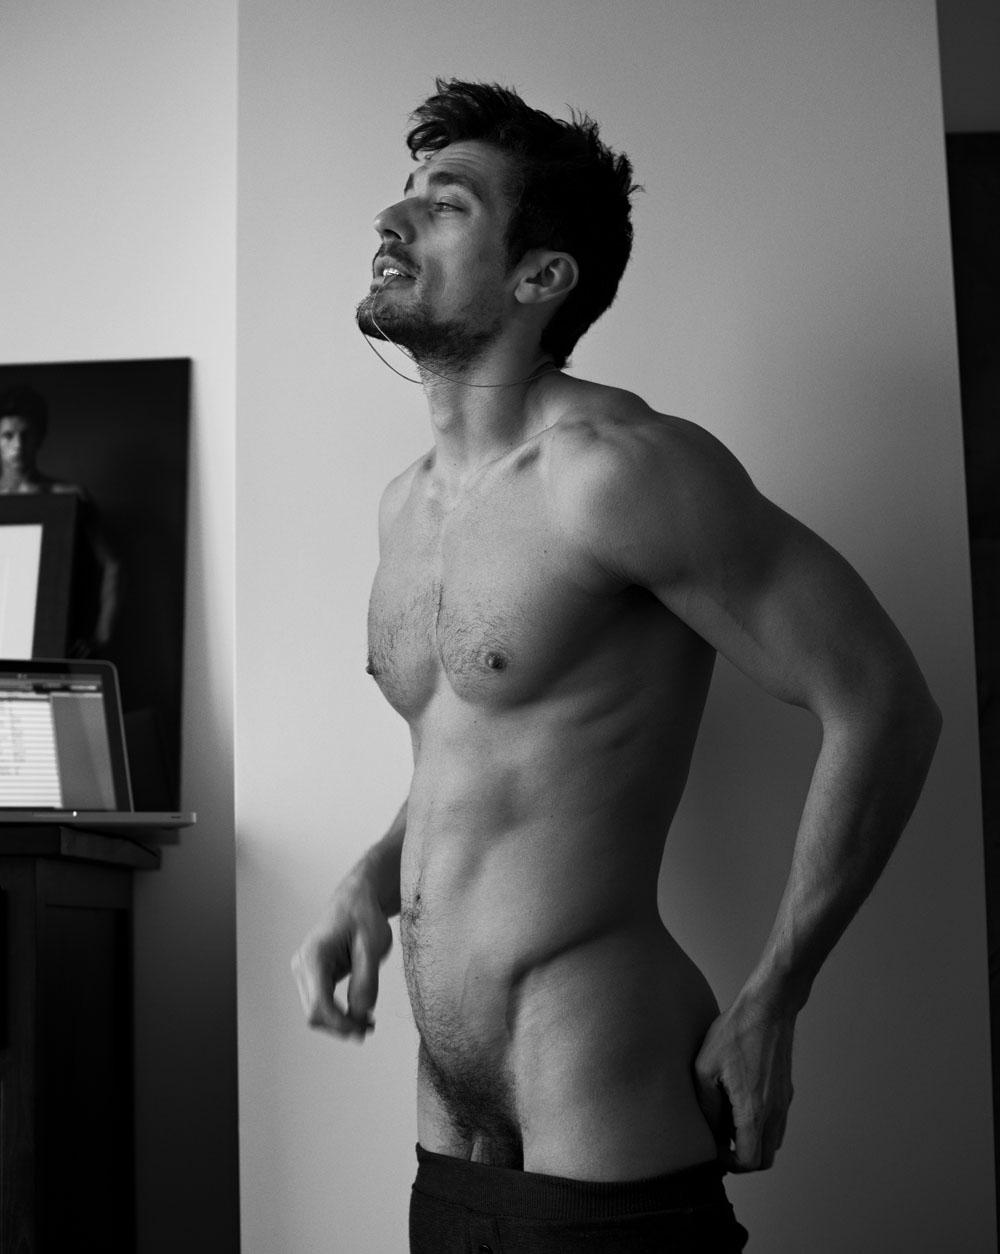 david-dick-photography